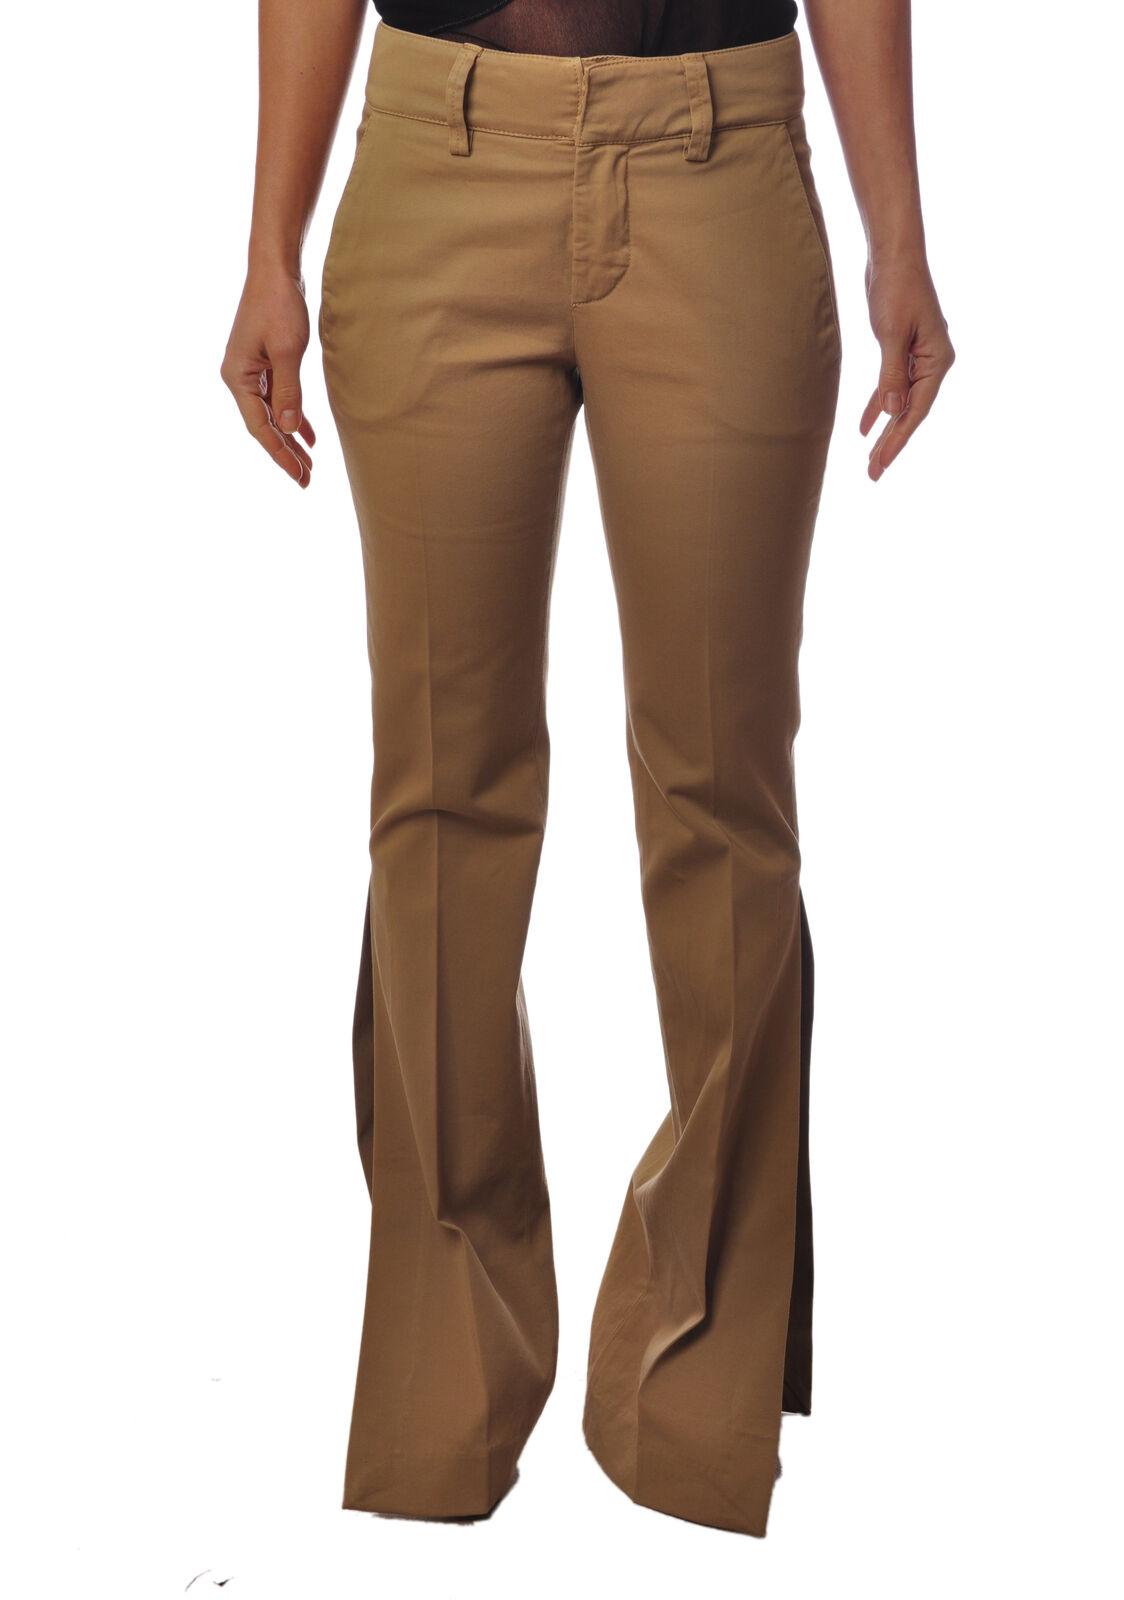 Dondup - Pants-Pants - Woman - Beige - 4973127B183815